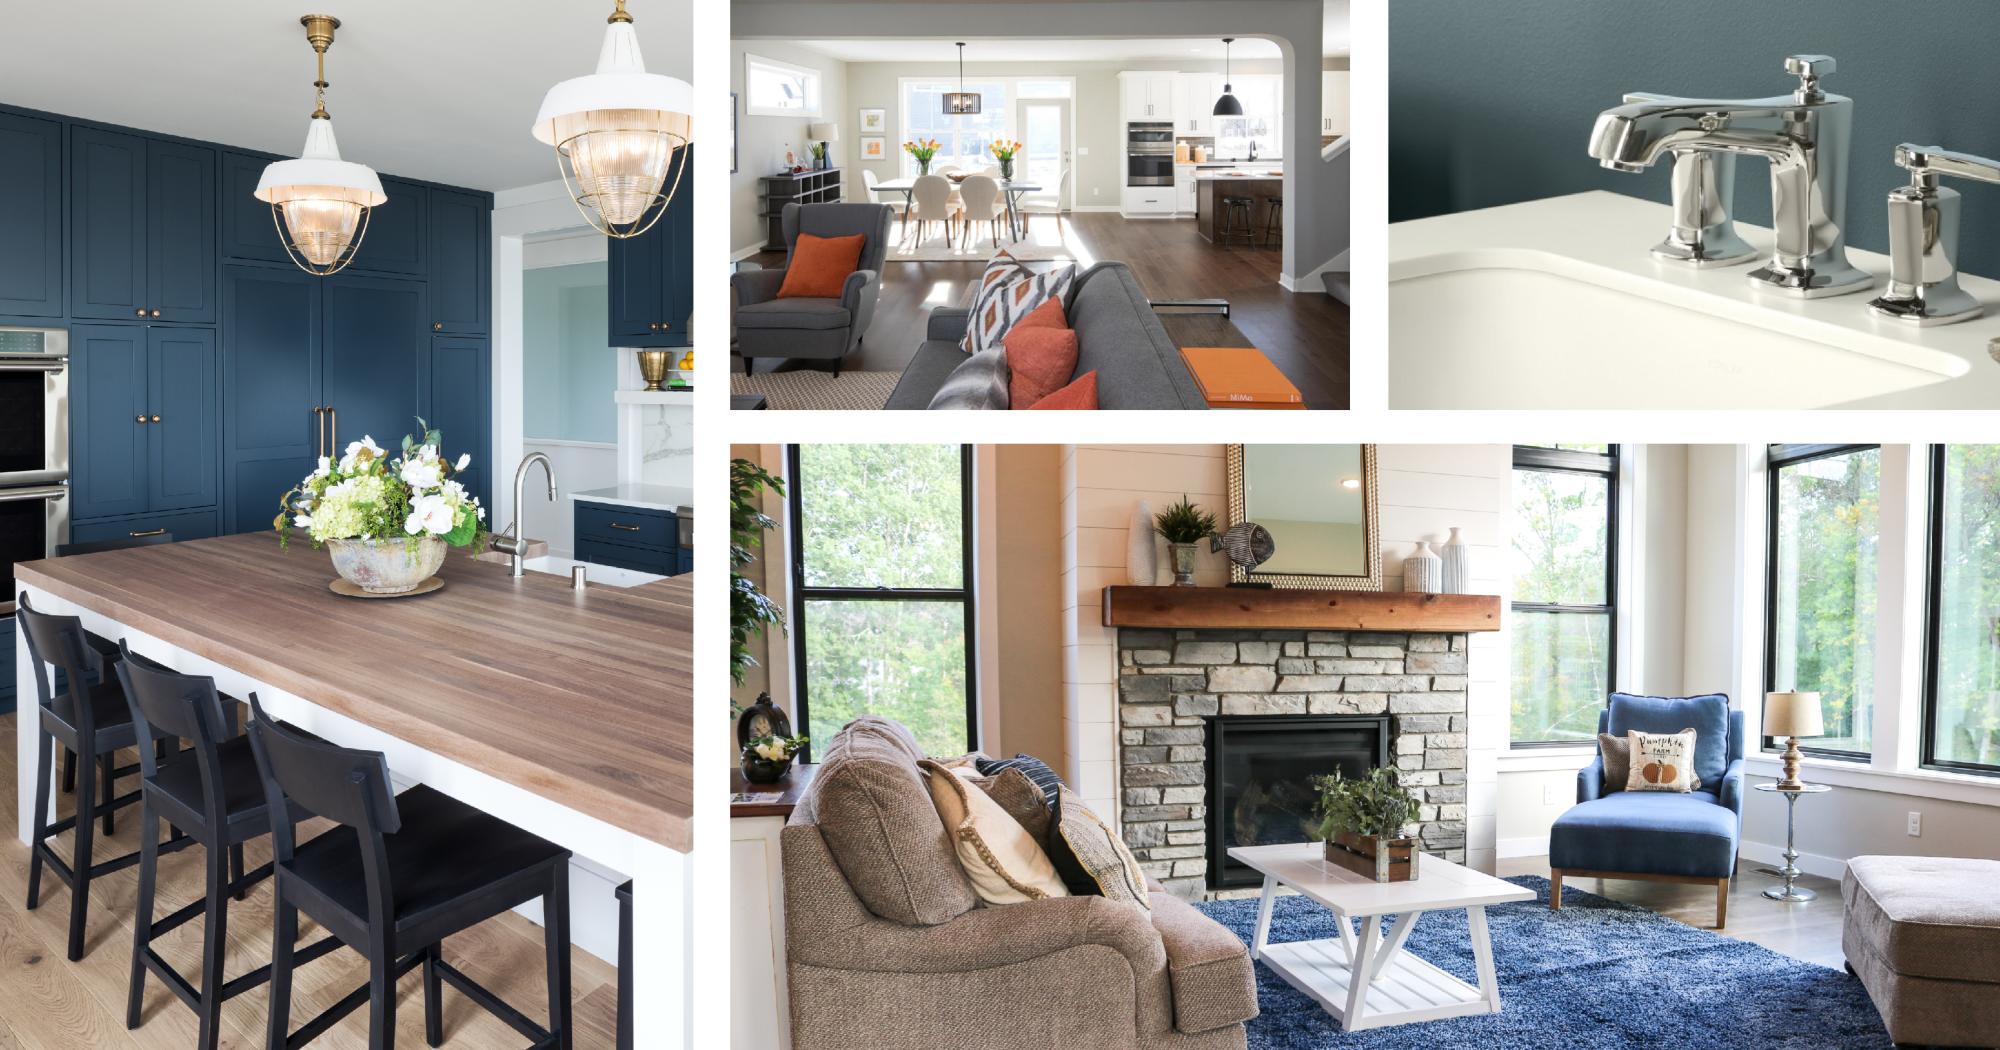 2019 home design trends - New home interior design ...